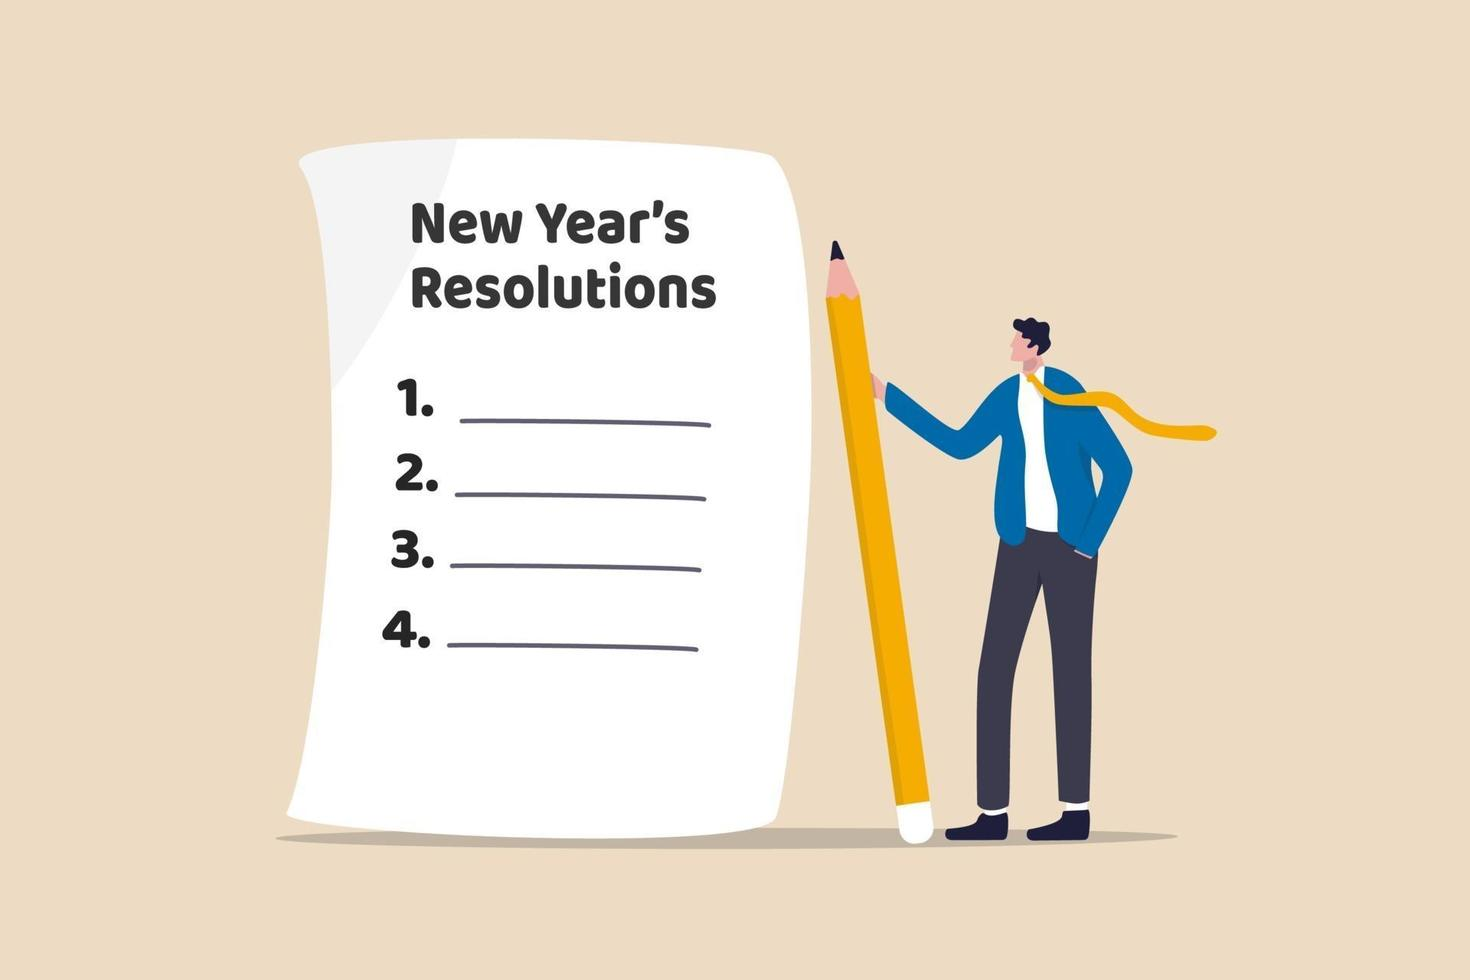 nyårsresolutioner, uppsättningsmål eller affärsmål för nyår eller som börjar med arbetsutmaningskoncept vektor